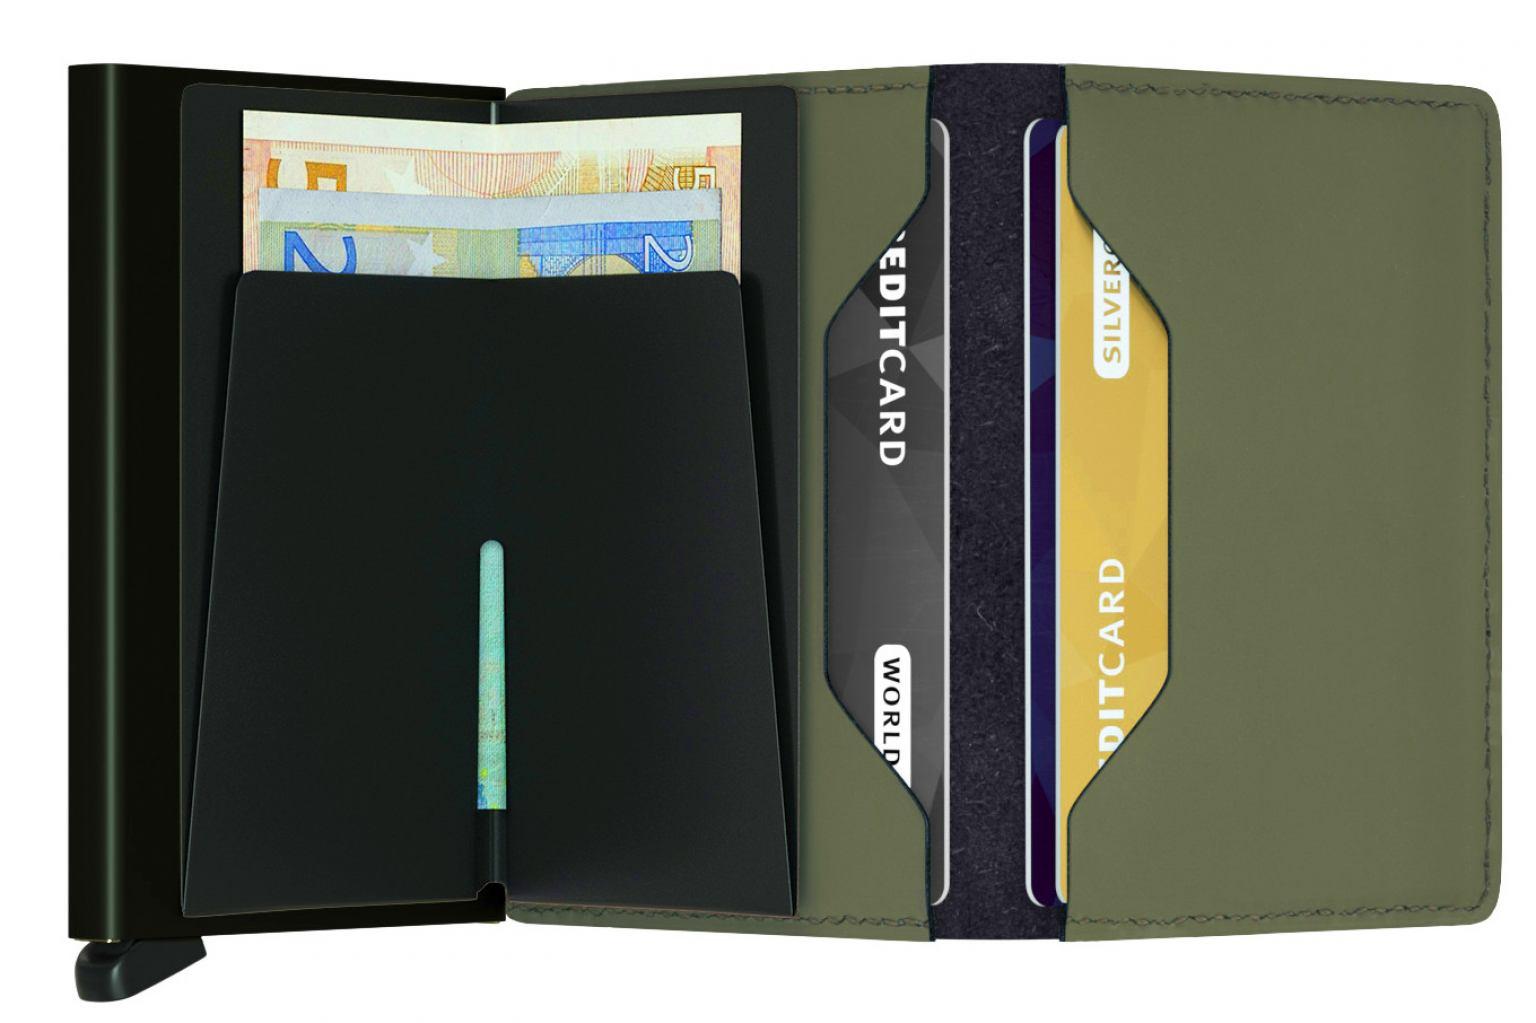 Secrid Schutzetui Chipkarten Slimwallet Matte Green